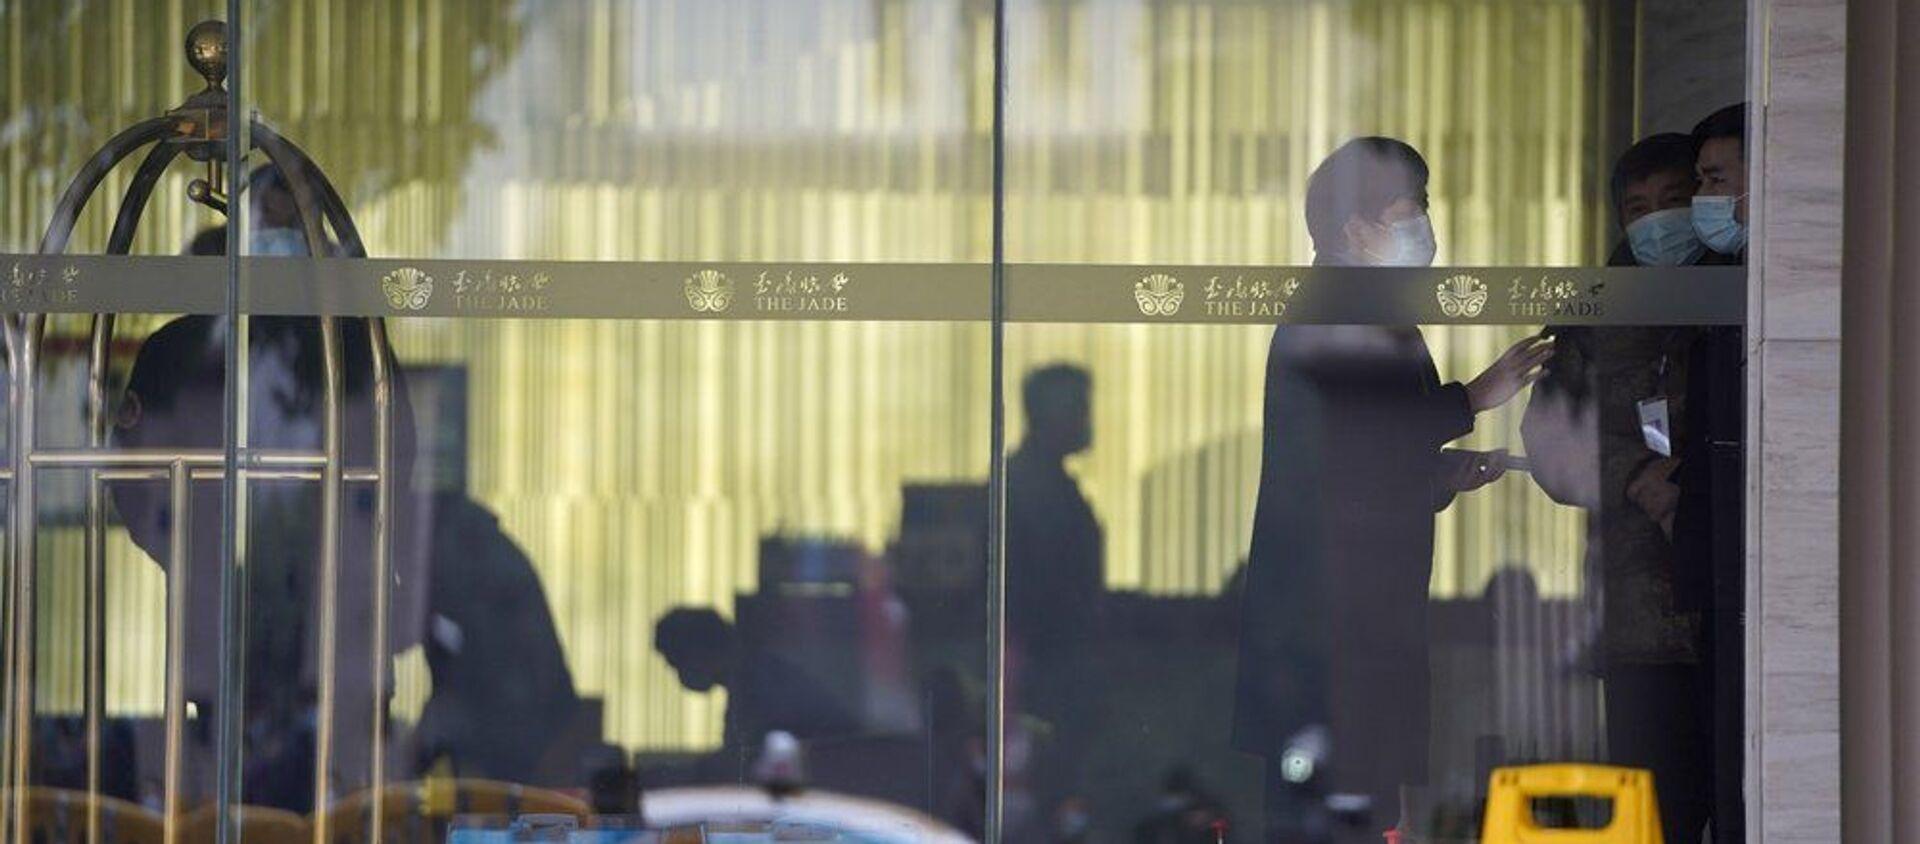 Vuhan, DSÖ üyeleri otelden çıkış için bekliyor. - Sputnik Türkiye, 1920, 23.03.2021